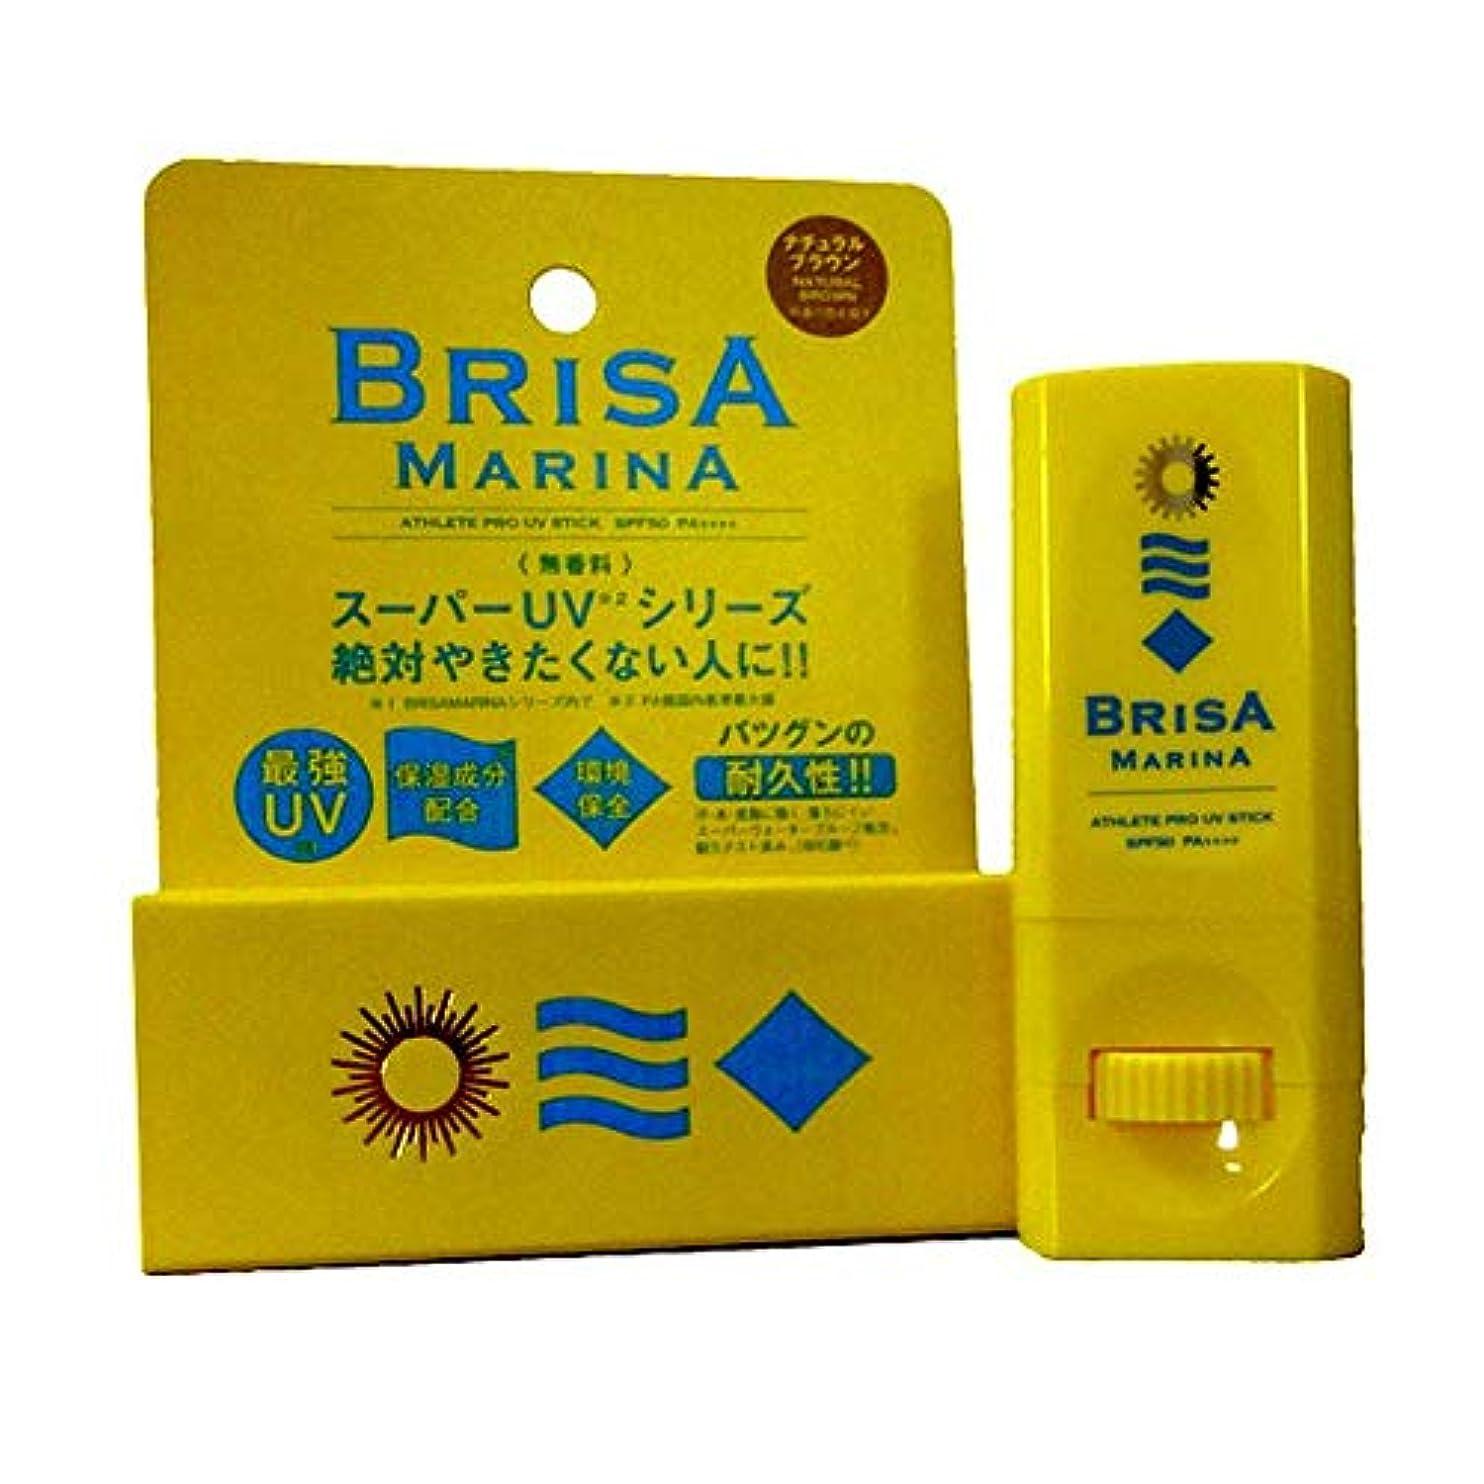 飛行場合理的フォーマルBRISA MARINA(ブリサマリーナ) ATHLETE PRO UV STICK 10g 日焼け止め スティック (02-NATURAL BROWN)